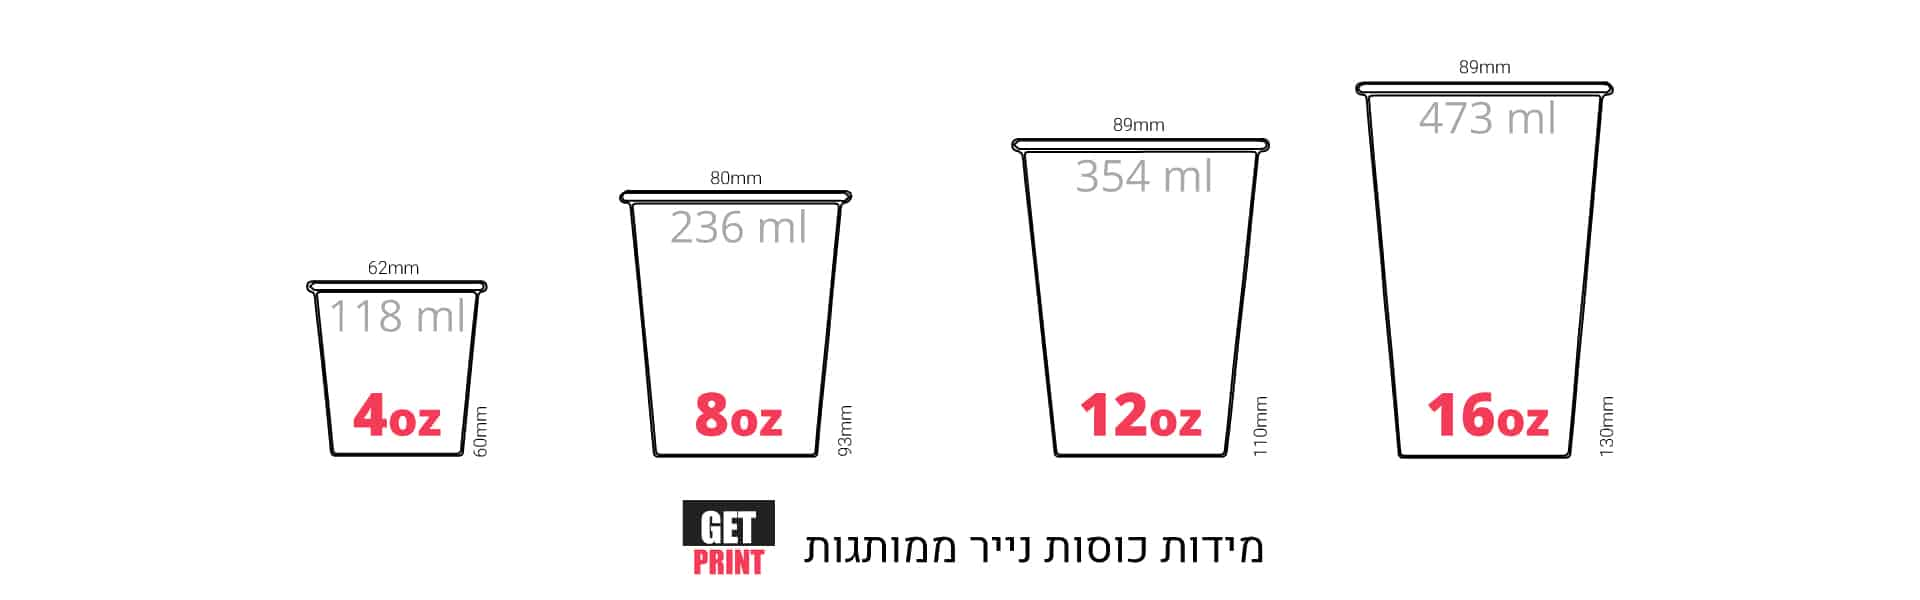 הדפסה על כוסות קרטון ממותגות - מידות כוסות